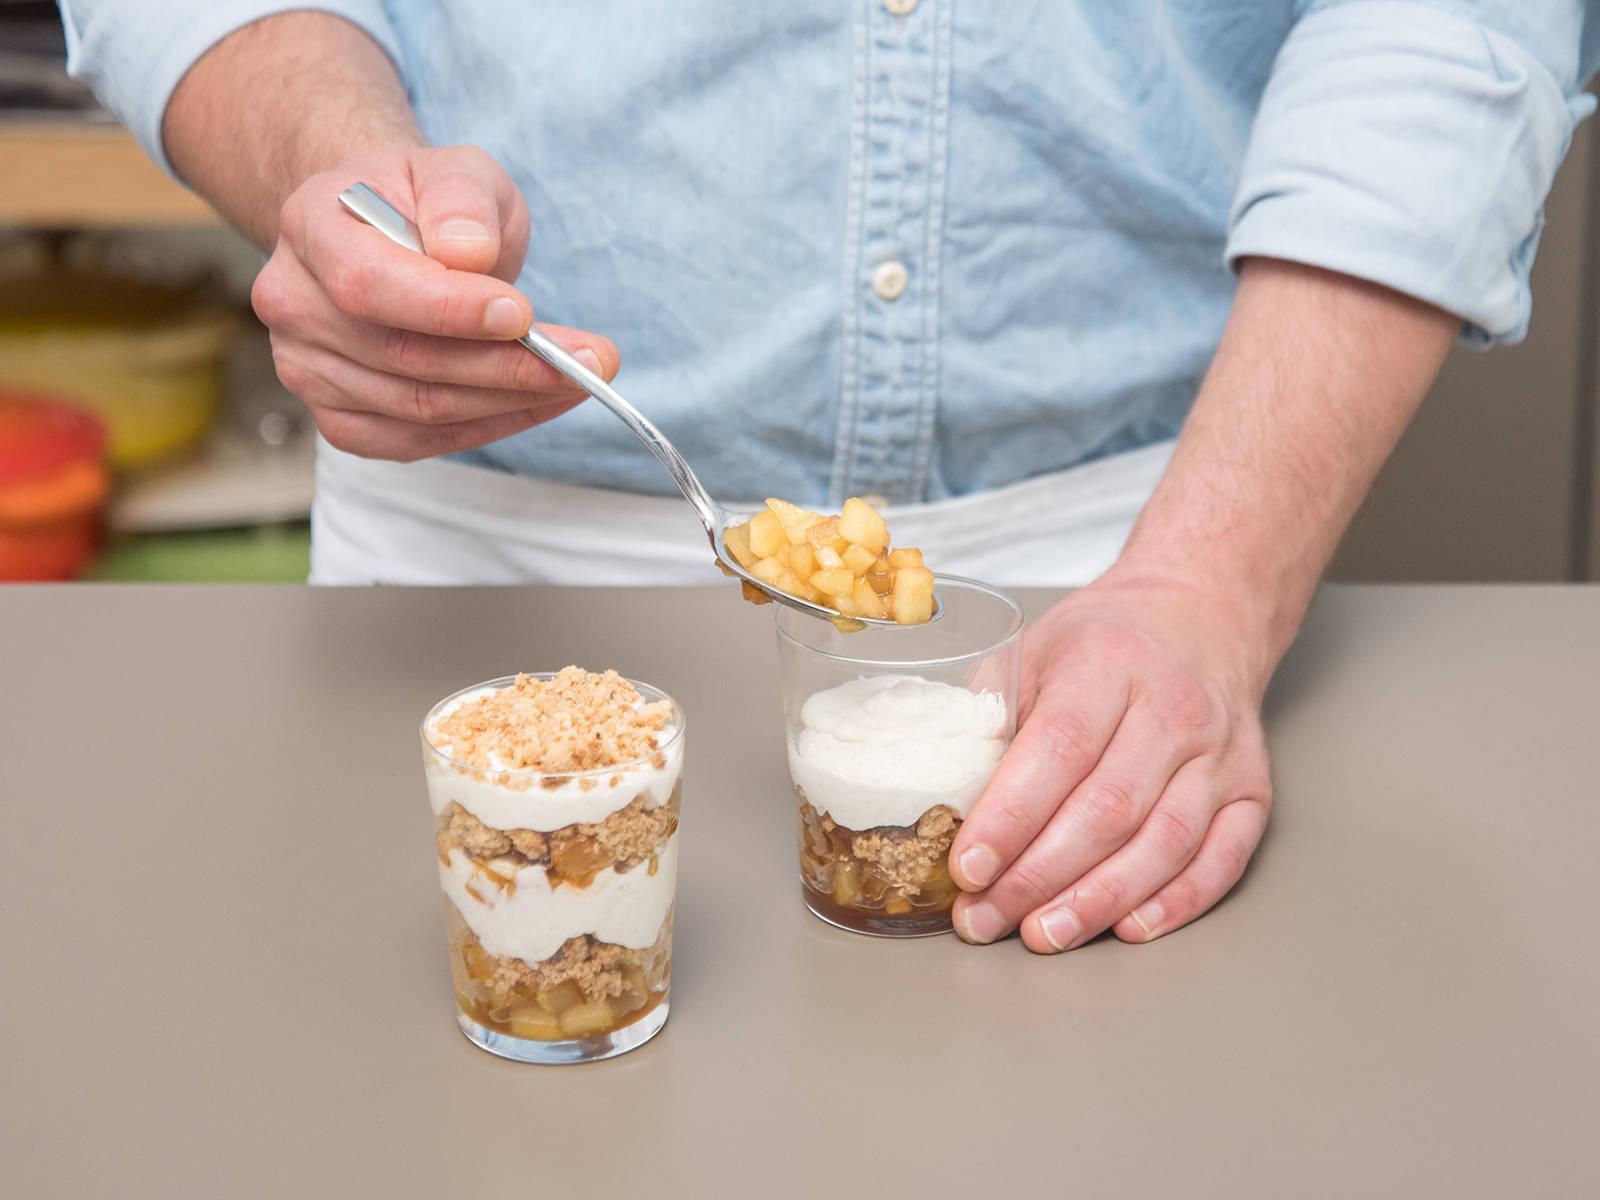 Das Dessert in Gläser schichten. Mit einer Schicht karamellisierten Apfelstückchen beginnen, Streusel darauf verteilen und Joghurtcreme darüber geben. Noch einmal mit allen drei Schichten wiederholen. Zum Schluss noch ein paar Streusel und Apfelstücken auf der Joghurtcreme verteilen. Bis zum Servieren in den Kühlschrank stellen. Guten Appetit!